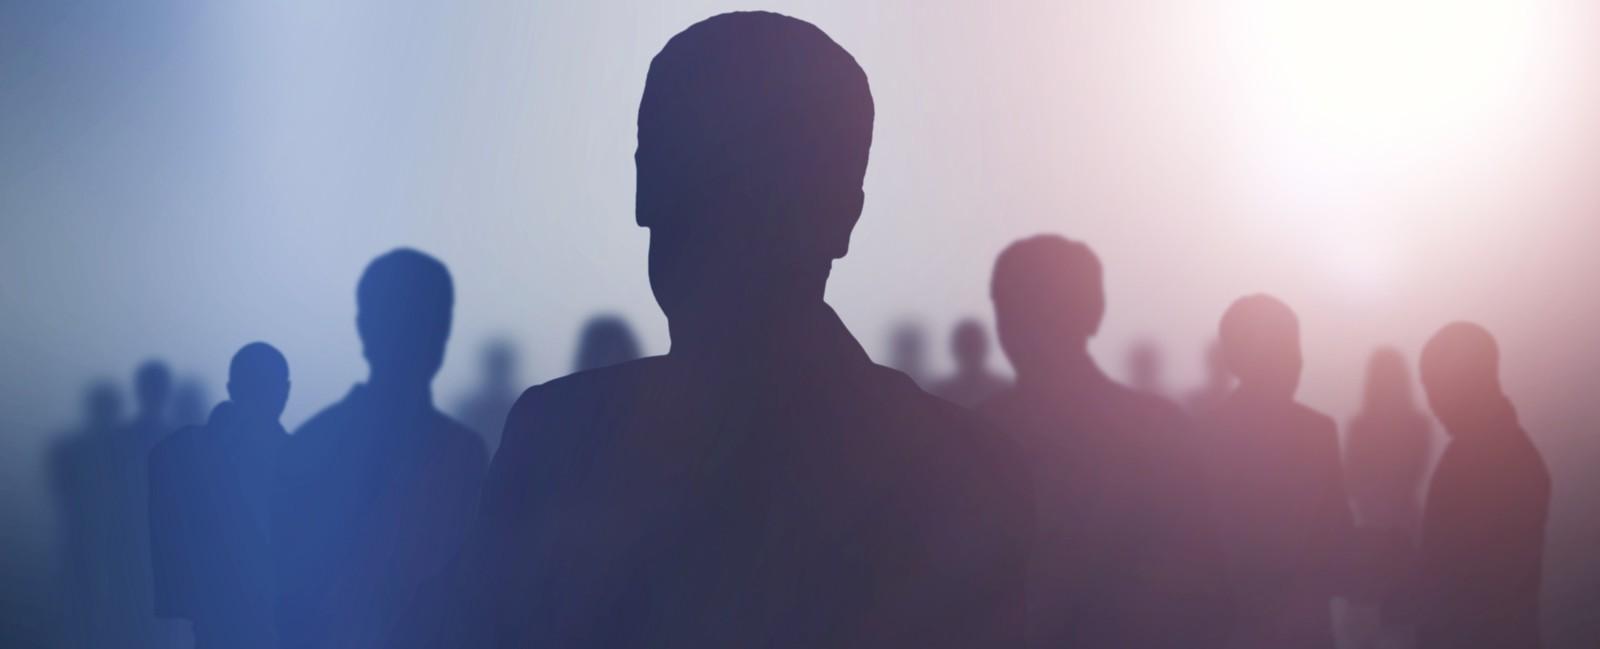 Bei Börsen ist das möglich. Erst wenn interessante Kandidaten in Sicht sind, müssen Unternehmer persönlich in Erscheinung treten.